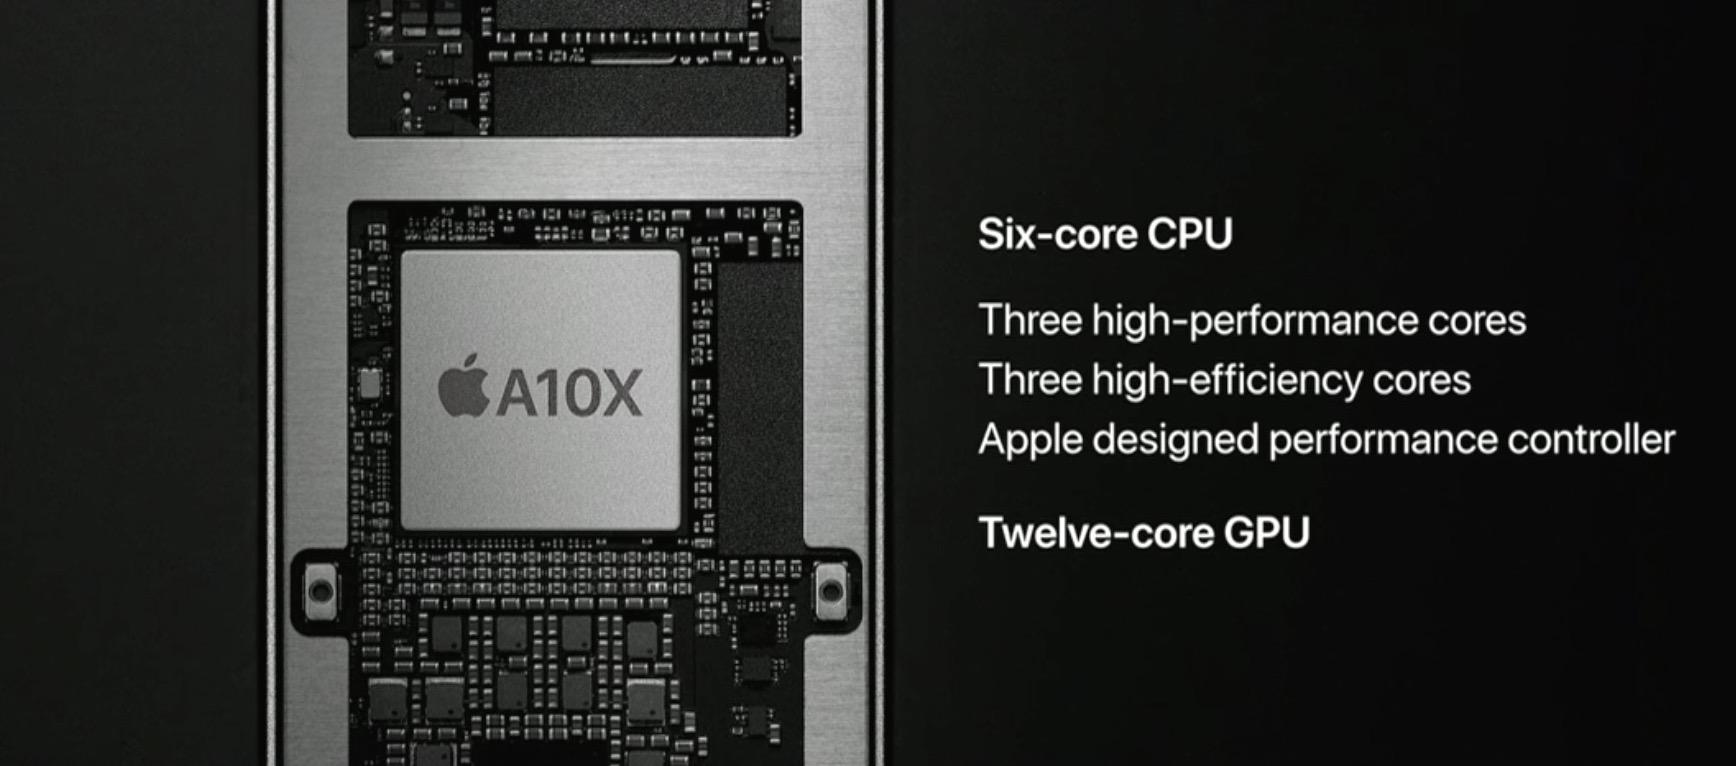 iPad Pro đi kèm với chip xử lý 6 nhân hiệu suất cao